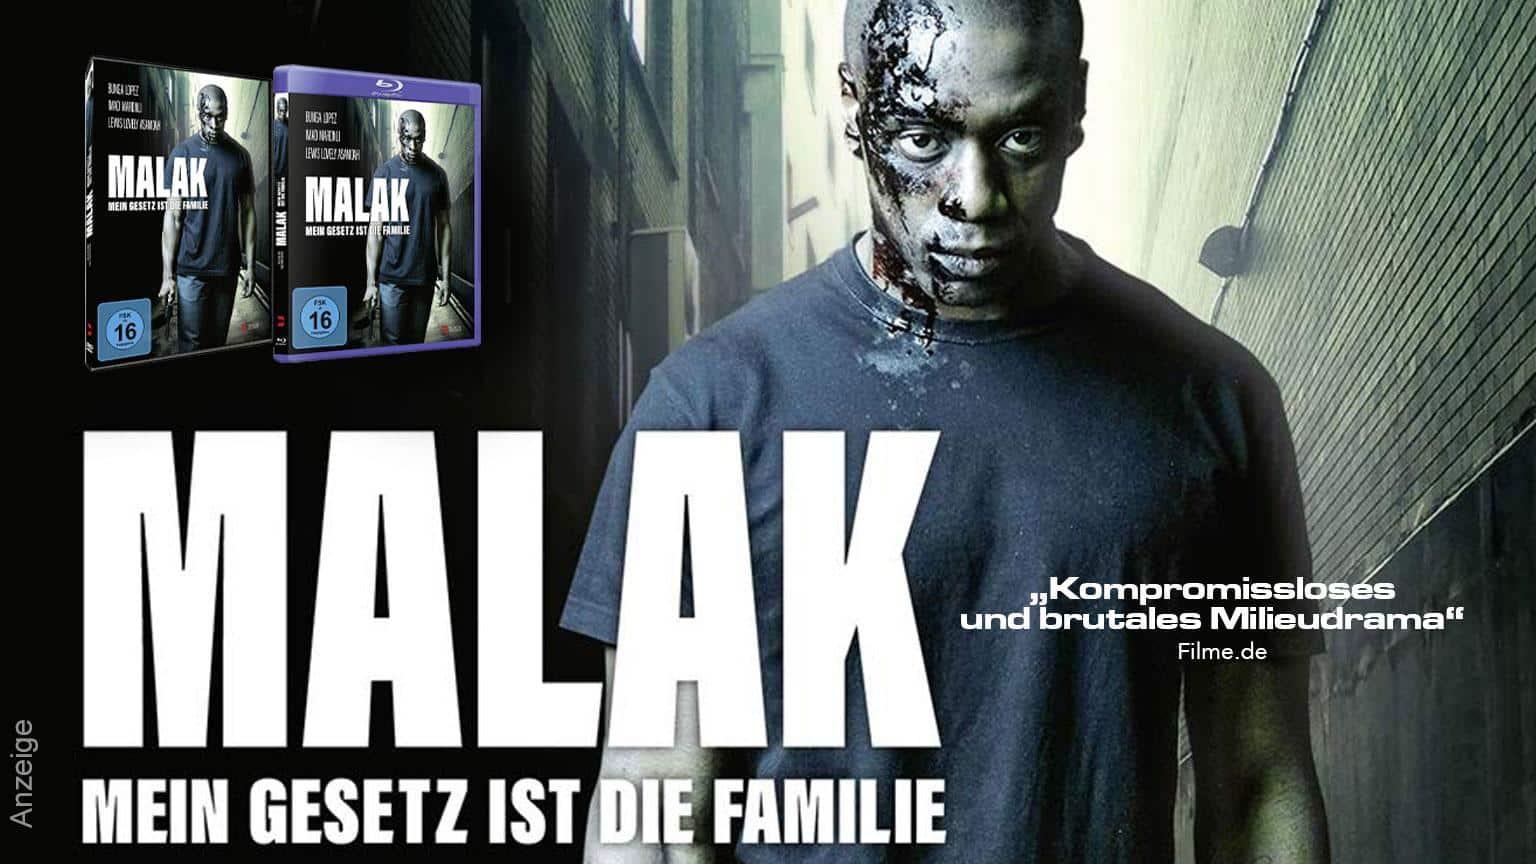 Malak Film 2020 shop kaufen Blu-ray DVD Anzeige